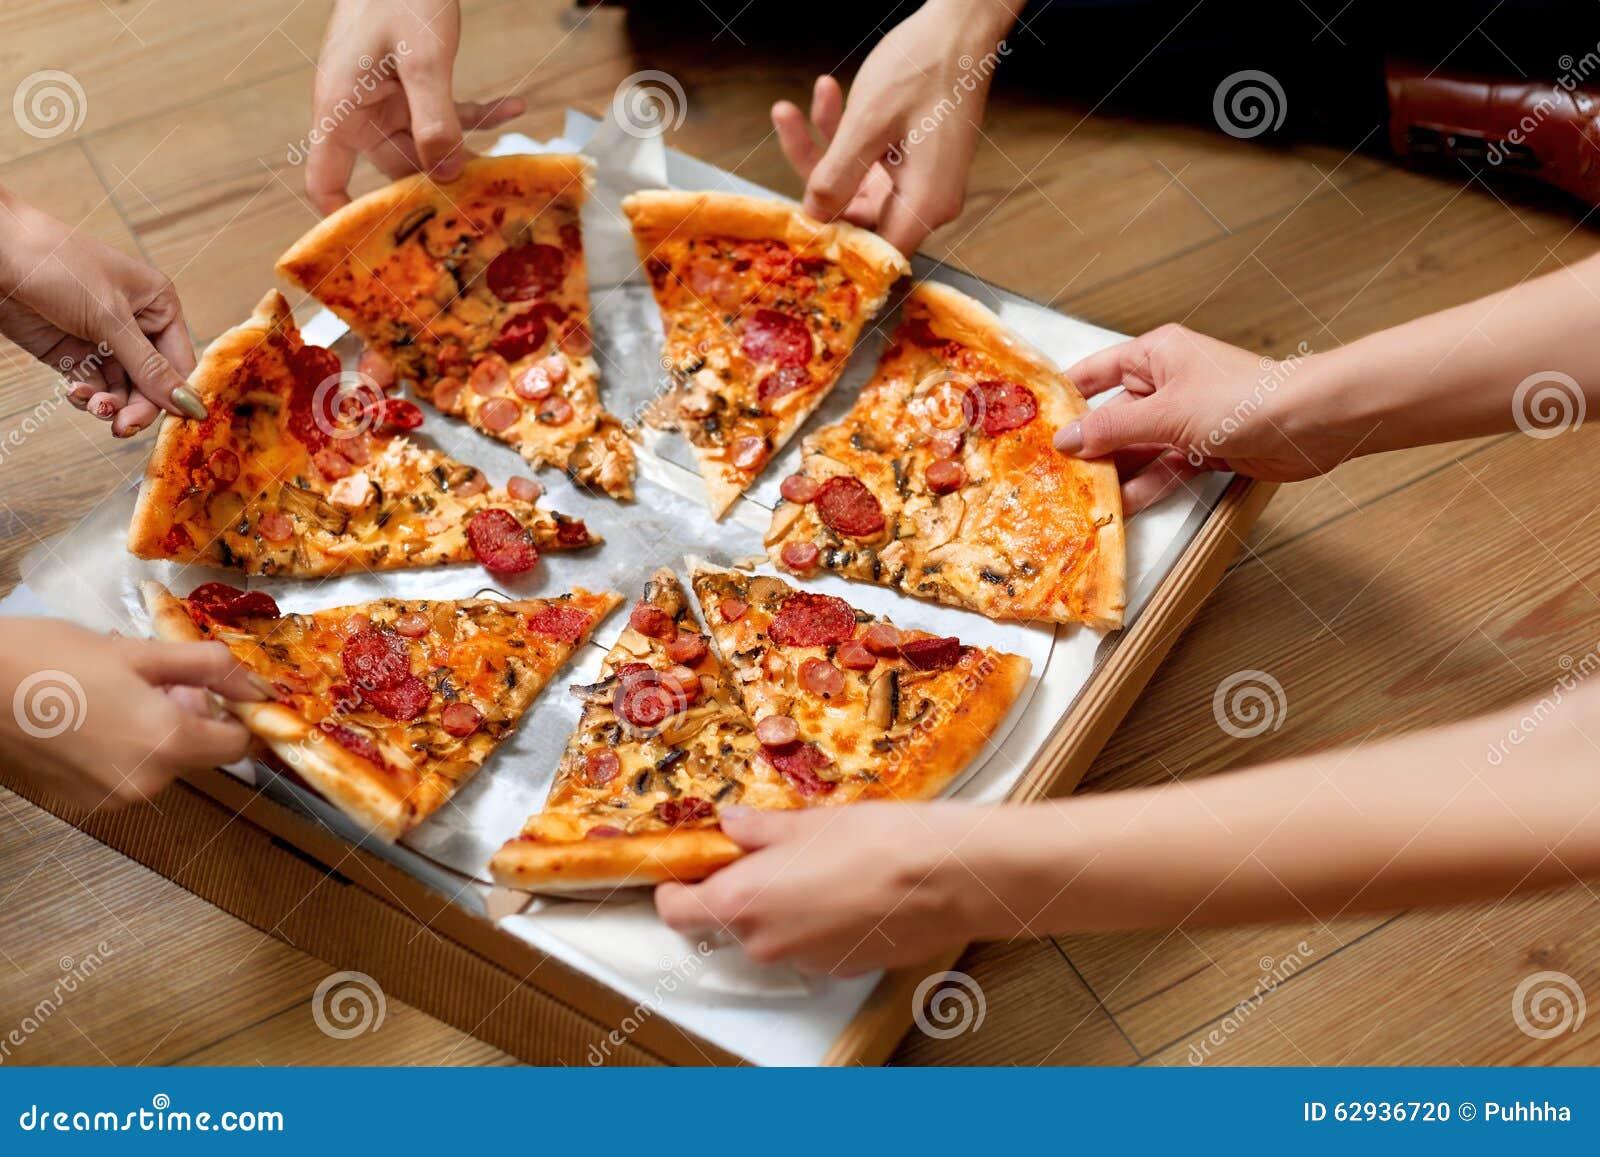 Manger de la pizza Groupe d amis partageant la pizza Aliments de préparation rapide, loisirs